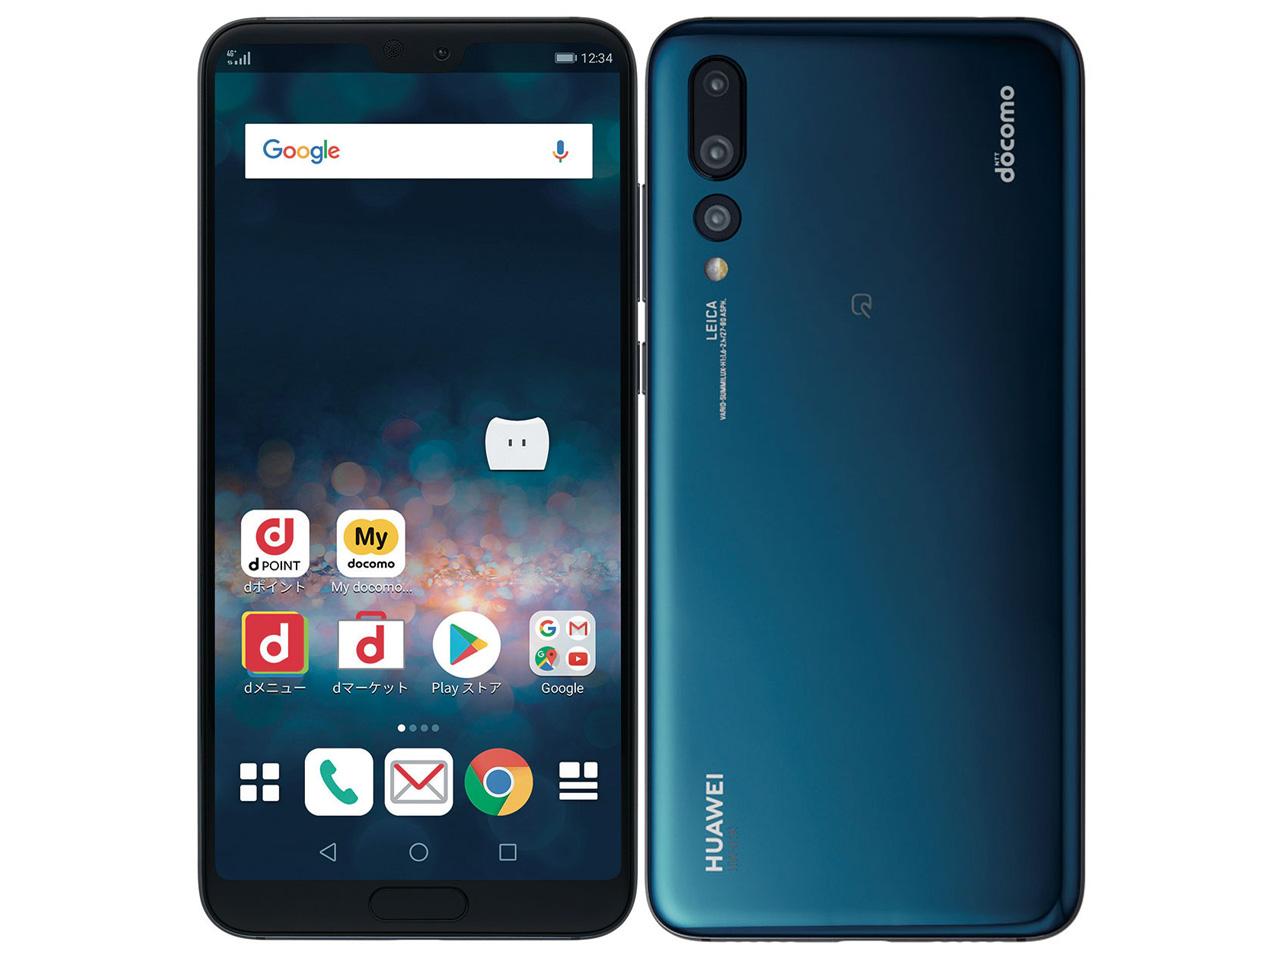 【新品・白ロム・本体】SIMロック解除済docomo HUAWEI P20 Pro HW-01K Midnight Blue スマートフォン 携帯電話 HW-01K hw-01k ブルー hw-01k